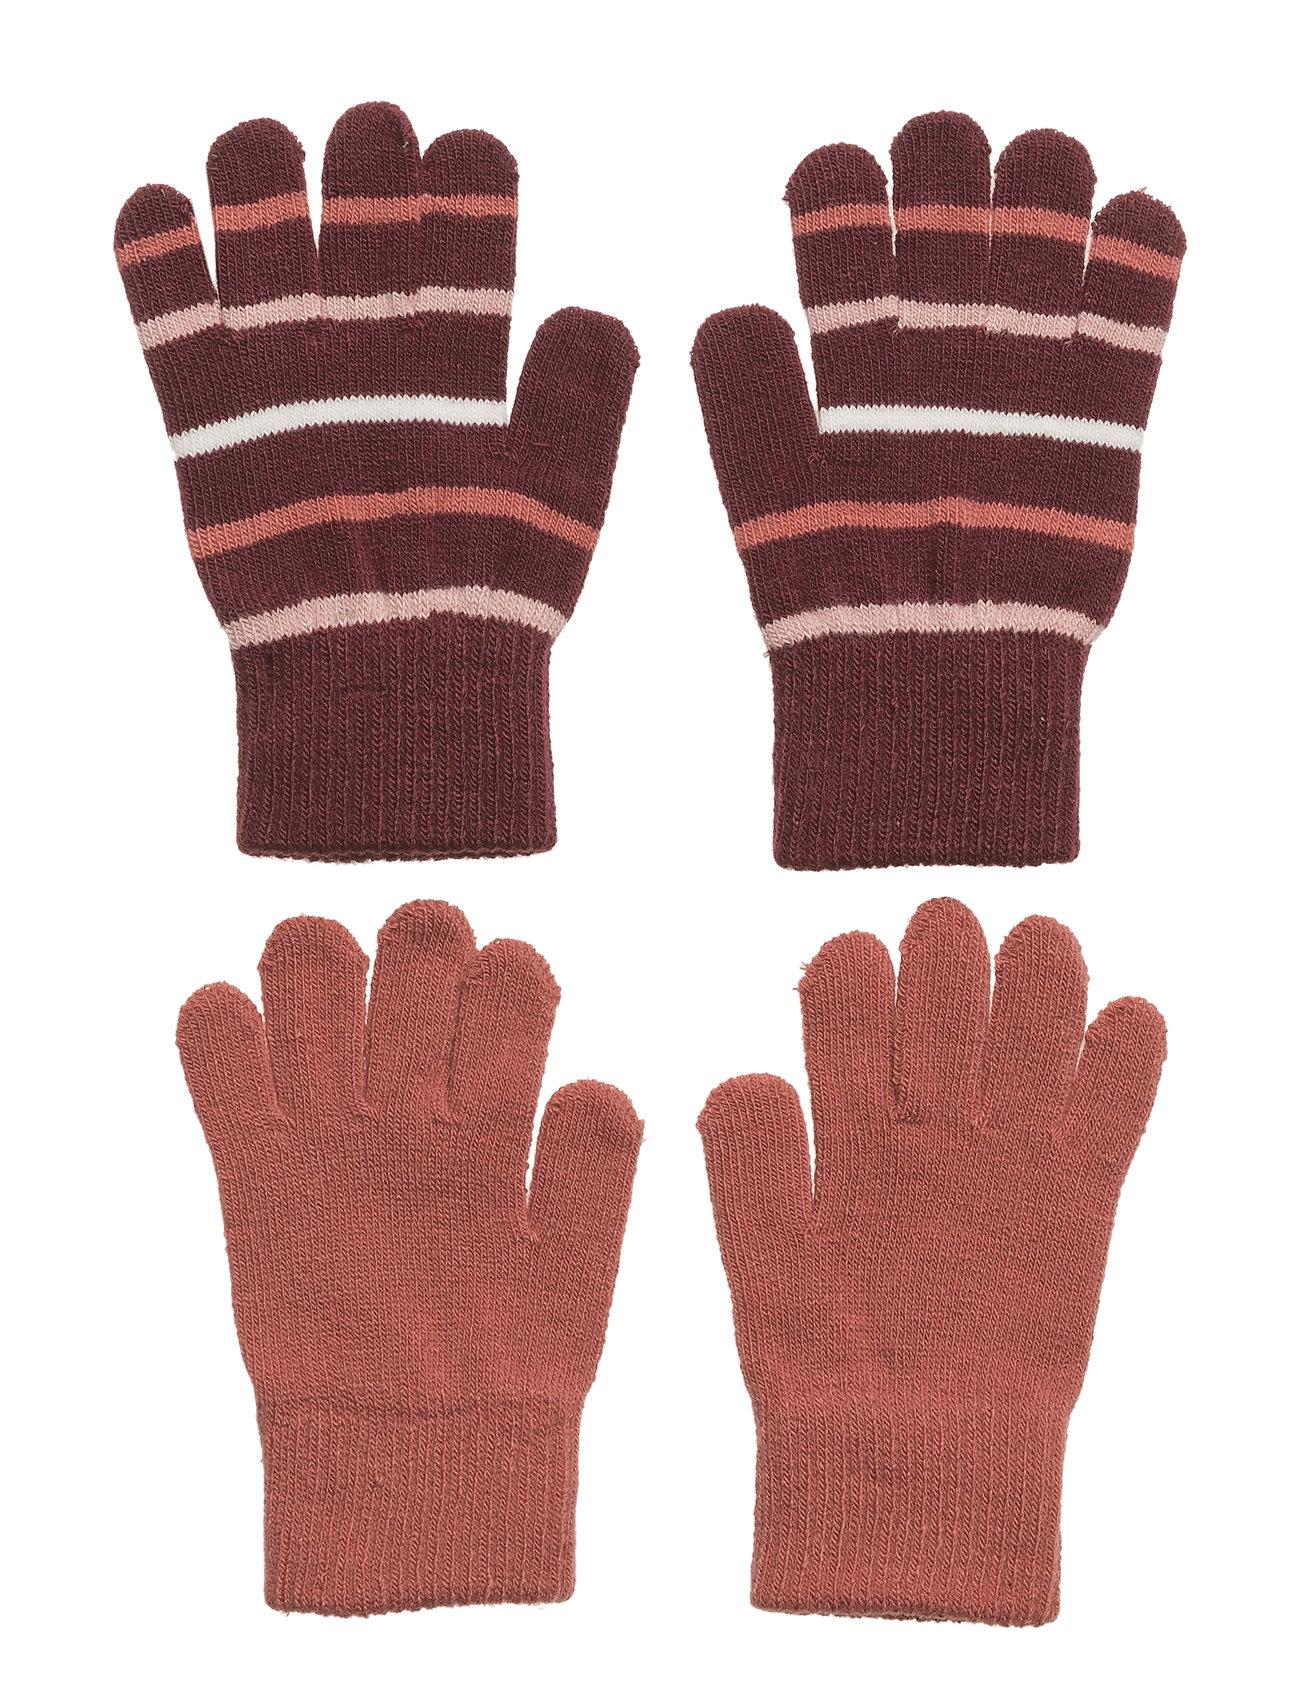 Polarn O. Pyret Magic Glove Baby